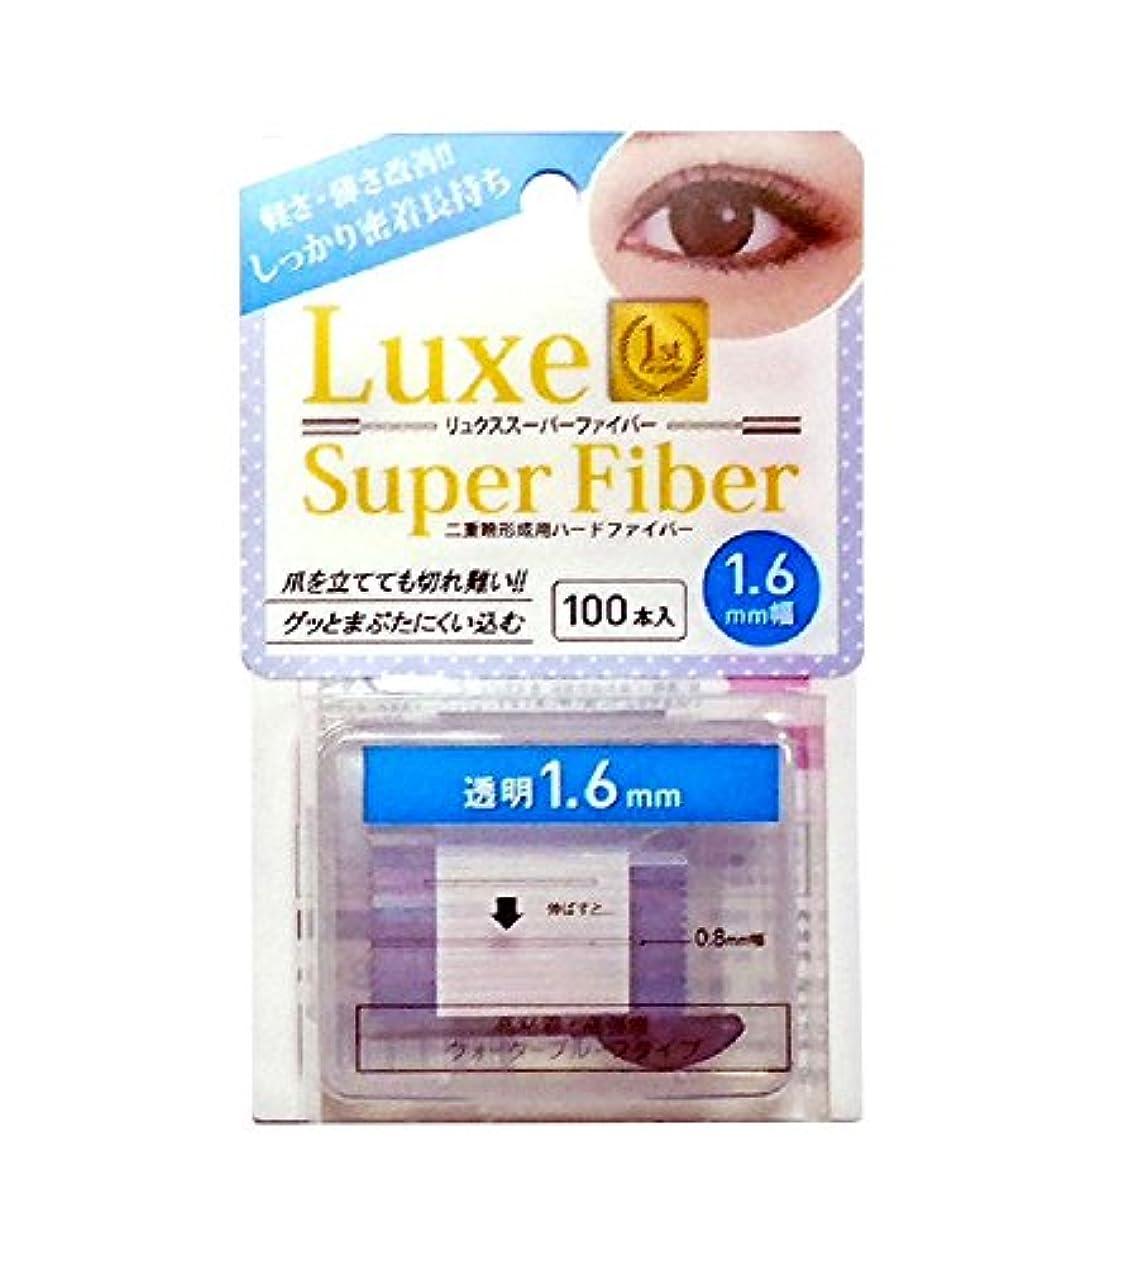 トムオードリースゆるく準備Luxe(リュクス) スーパーファイバーII 透明 クリア 1.6mm 100本入り